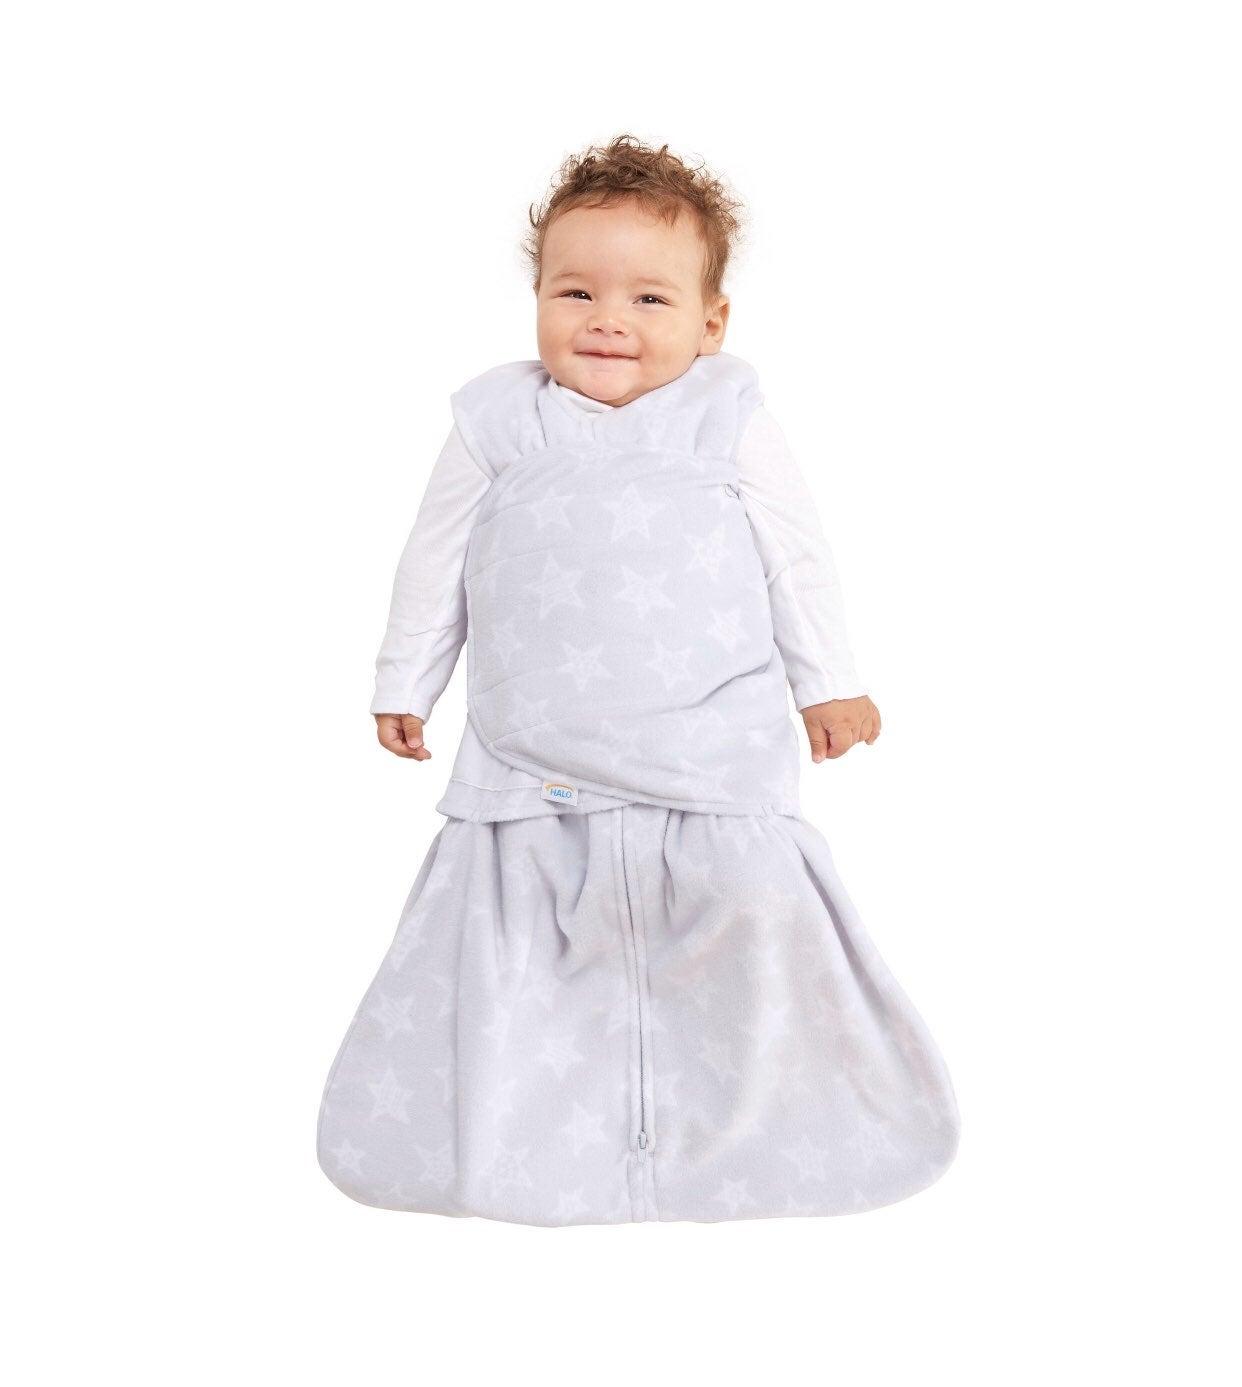 Halo innovations sleep sack fleece swadd